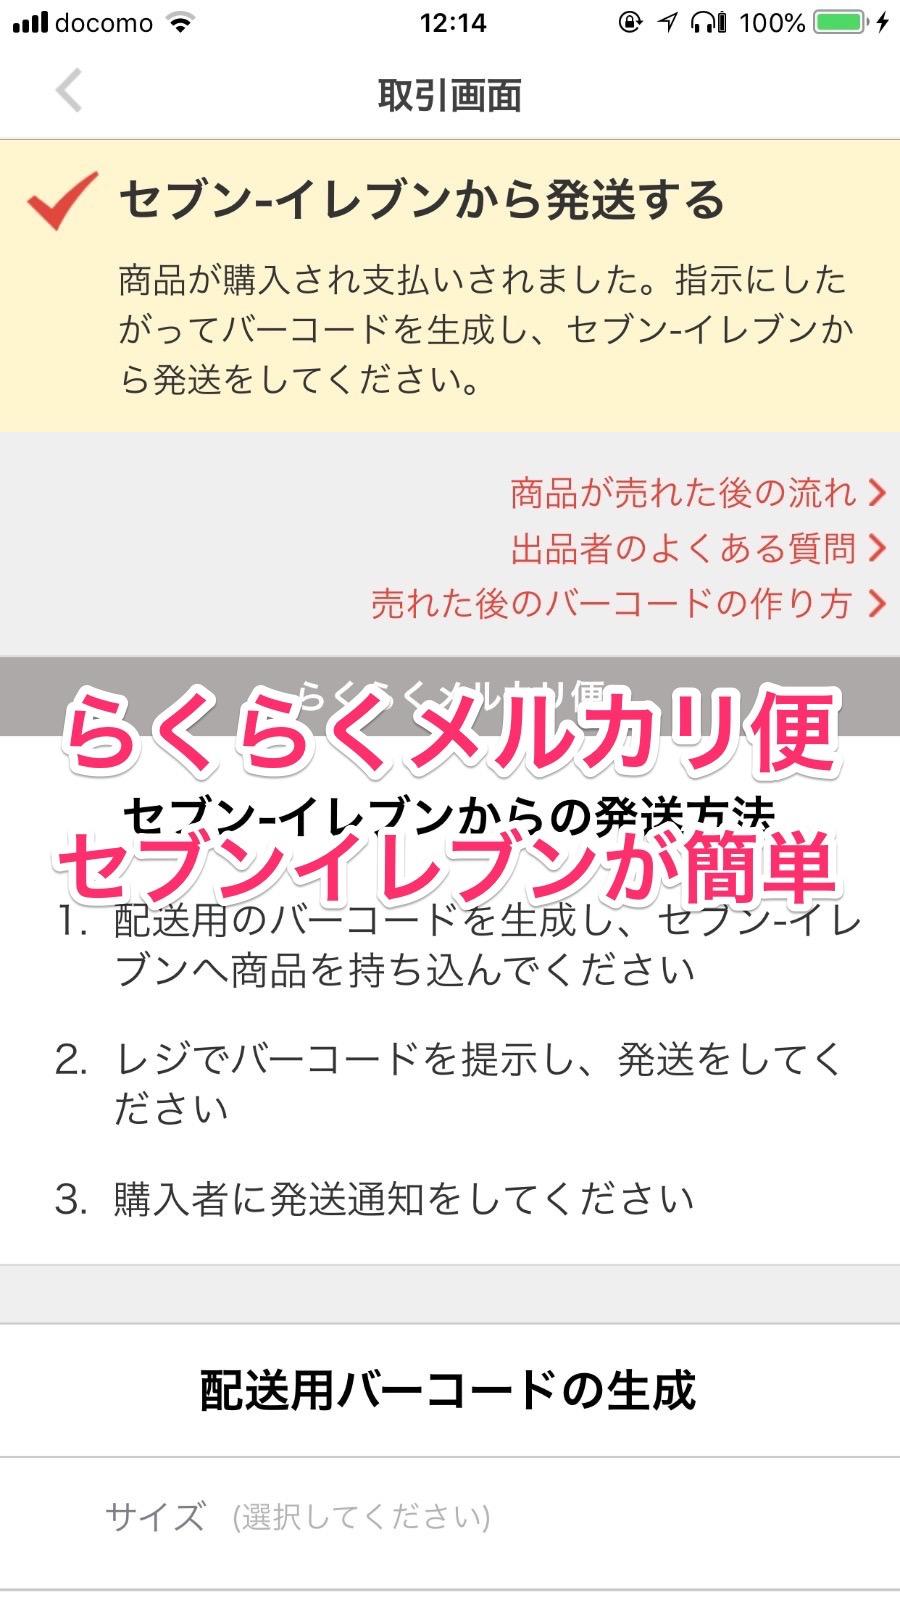 らくらくメルカリ便 セブンイレブン 01